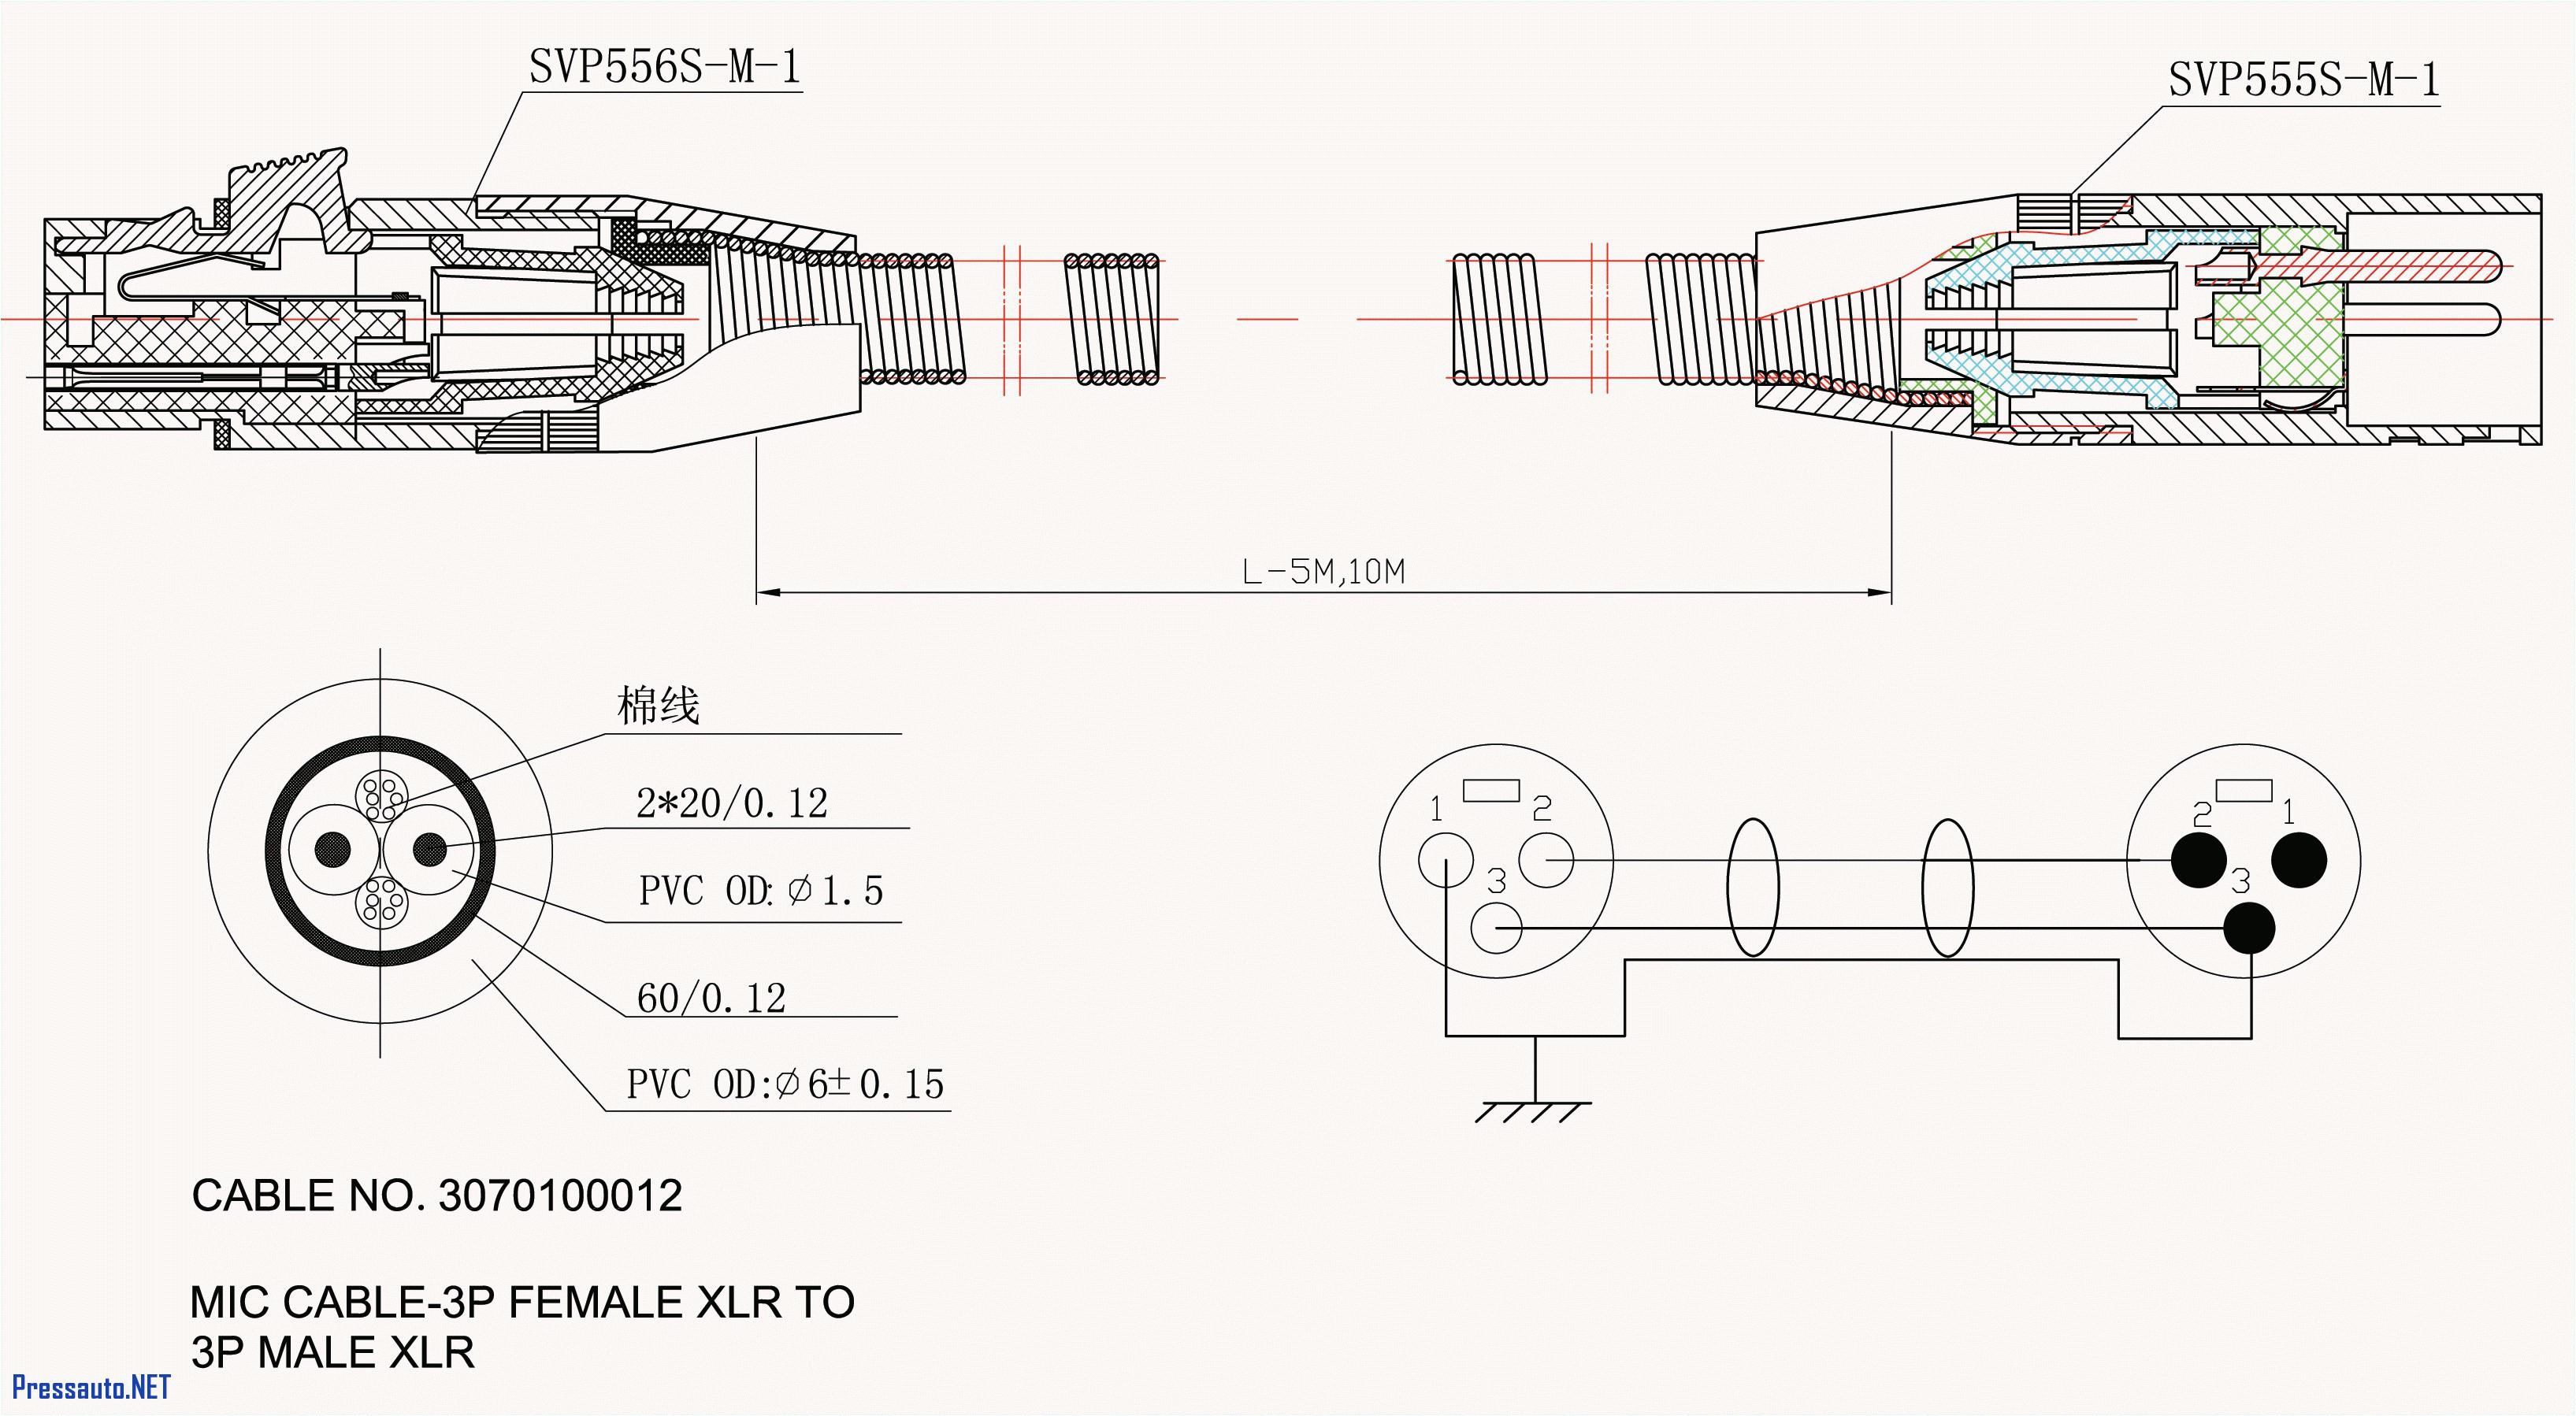 Gm One Wire Alternator Diagram 3 Wire Gm Alternator Wiring Wiring Diagram